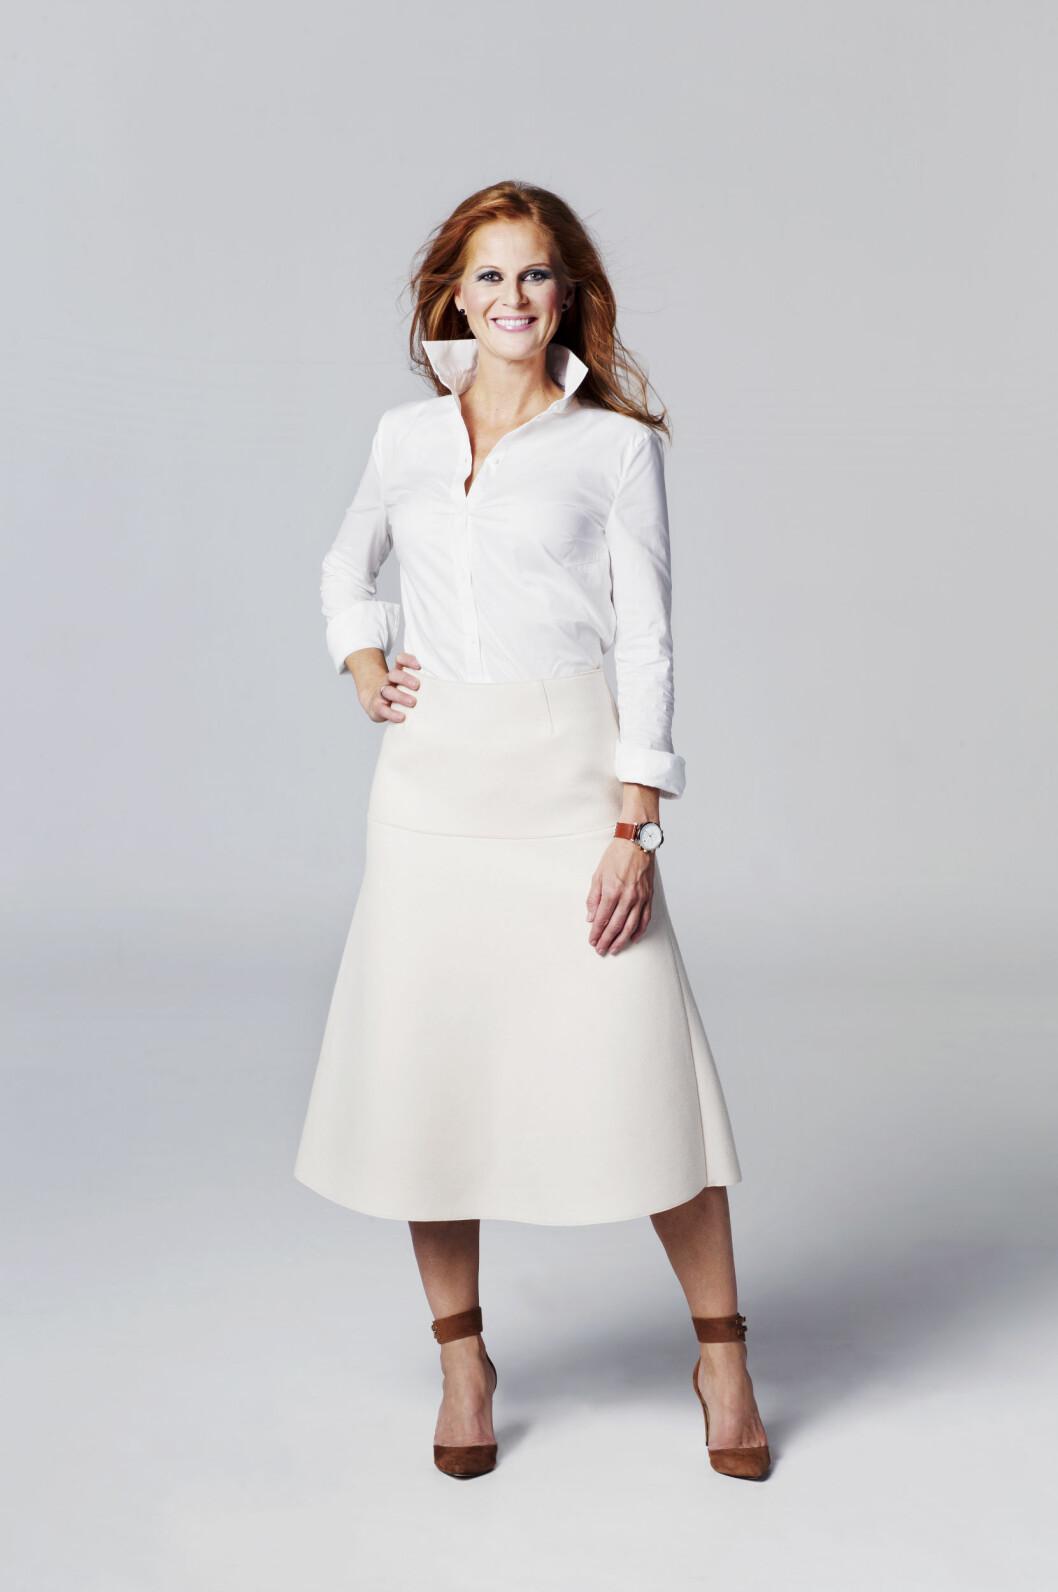 EN FLOTT LENGDE: Hege i hvitt ullskjørt (kr 2300, By Malene Burger), skjorte (kr 900, Bruuns Bazaar) og pumps med rem (kr 1600, Ganni). Foto: Yvonne Wilhelmsen